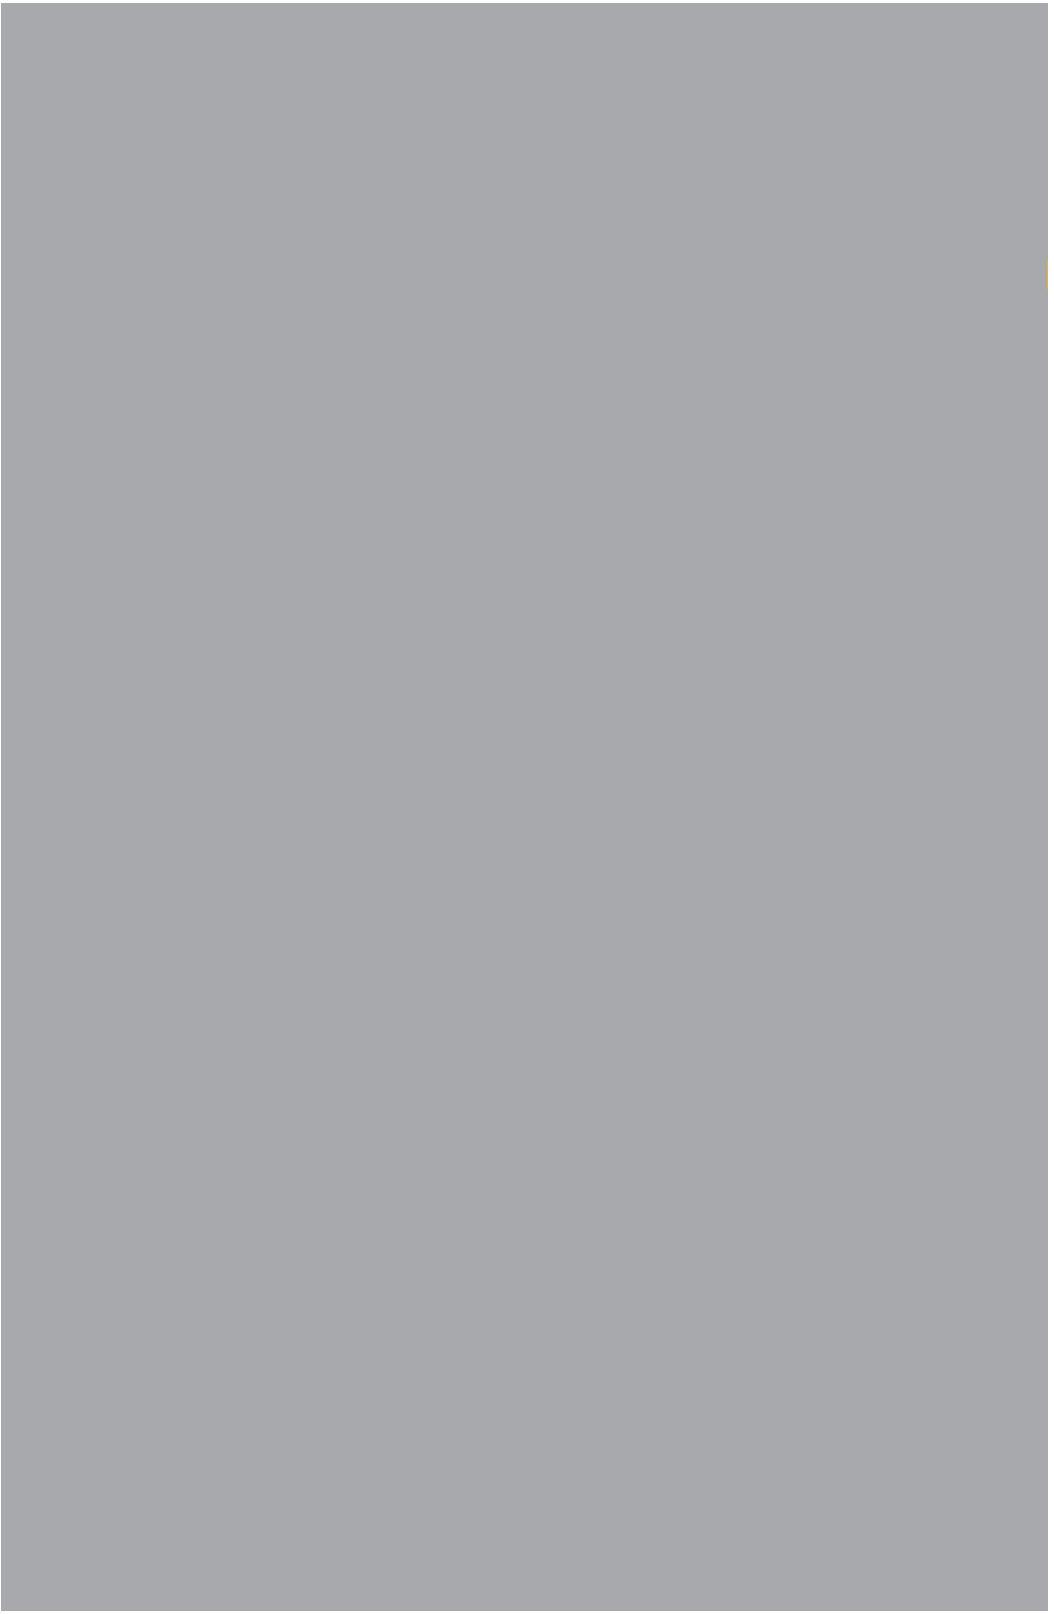 Karton kolor A1 szary Lux Interdruk 118